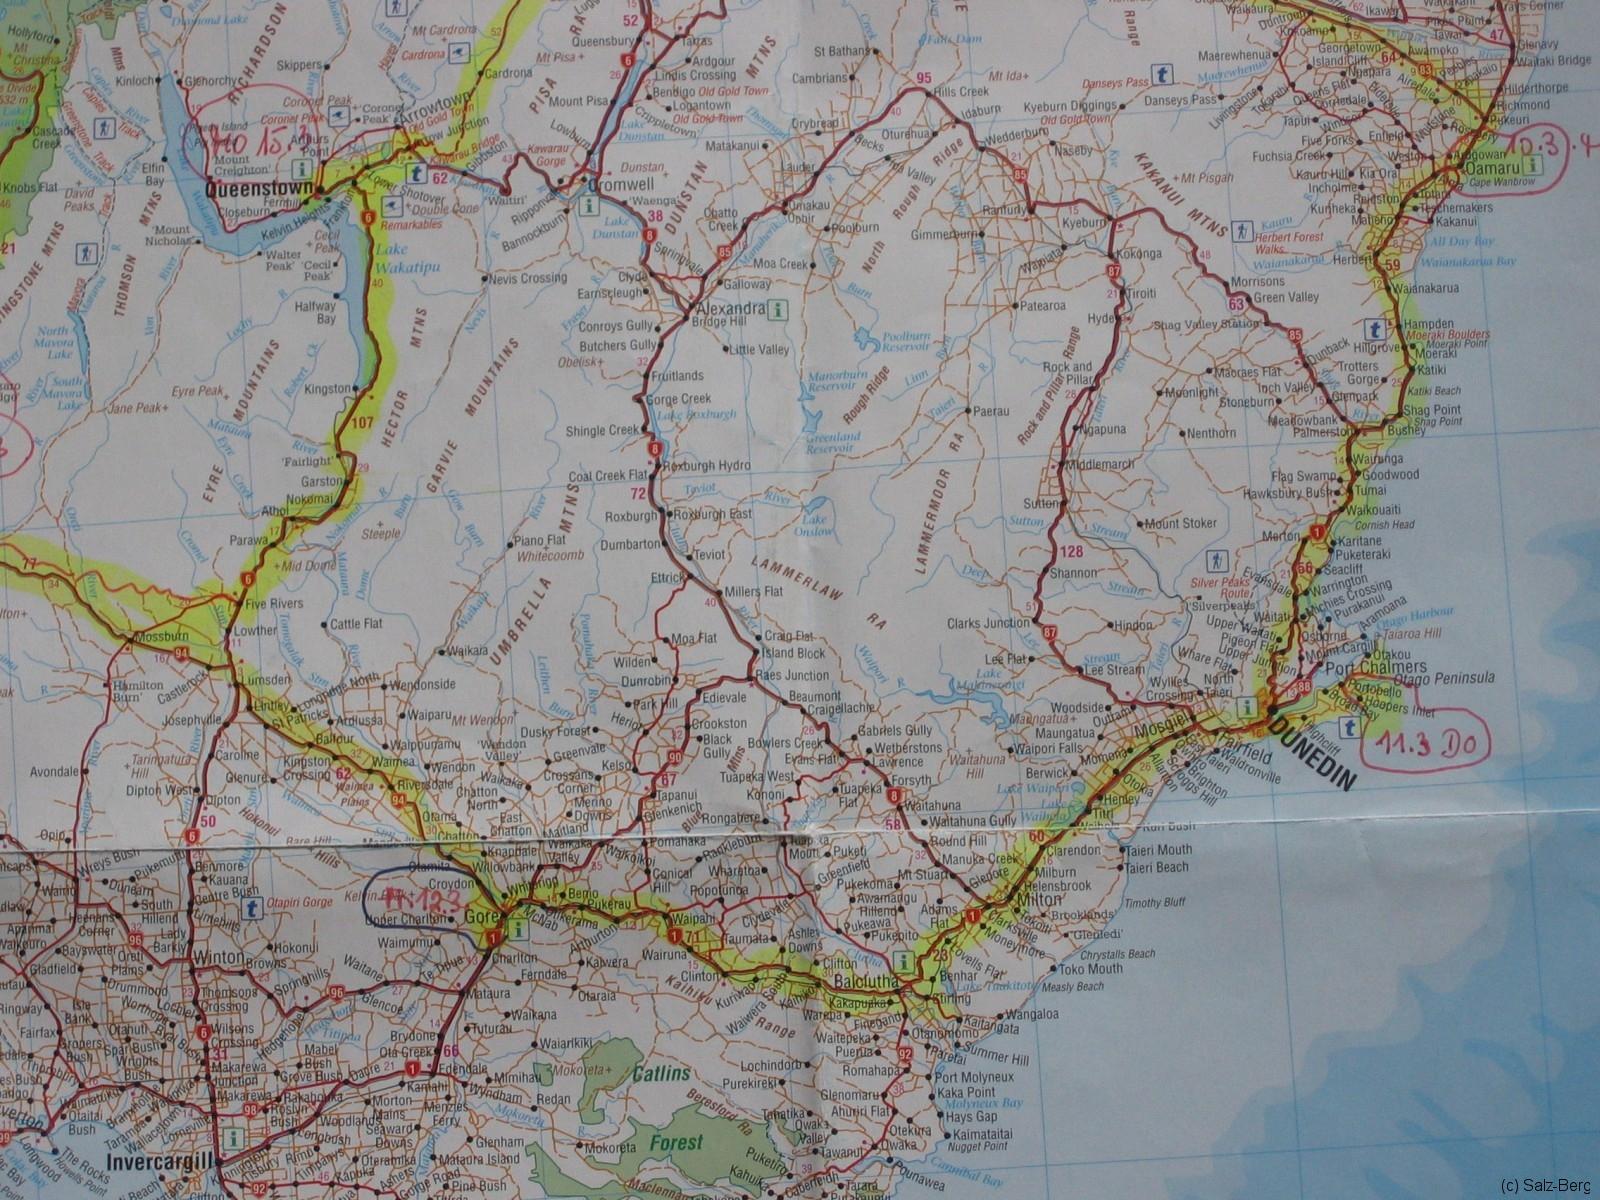 Neuseel_0121a_Dunedin-area